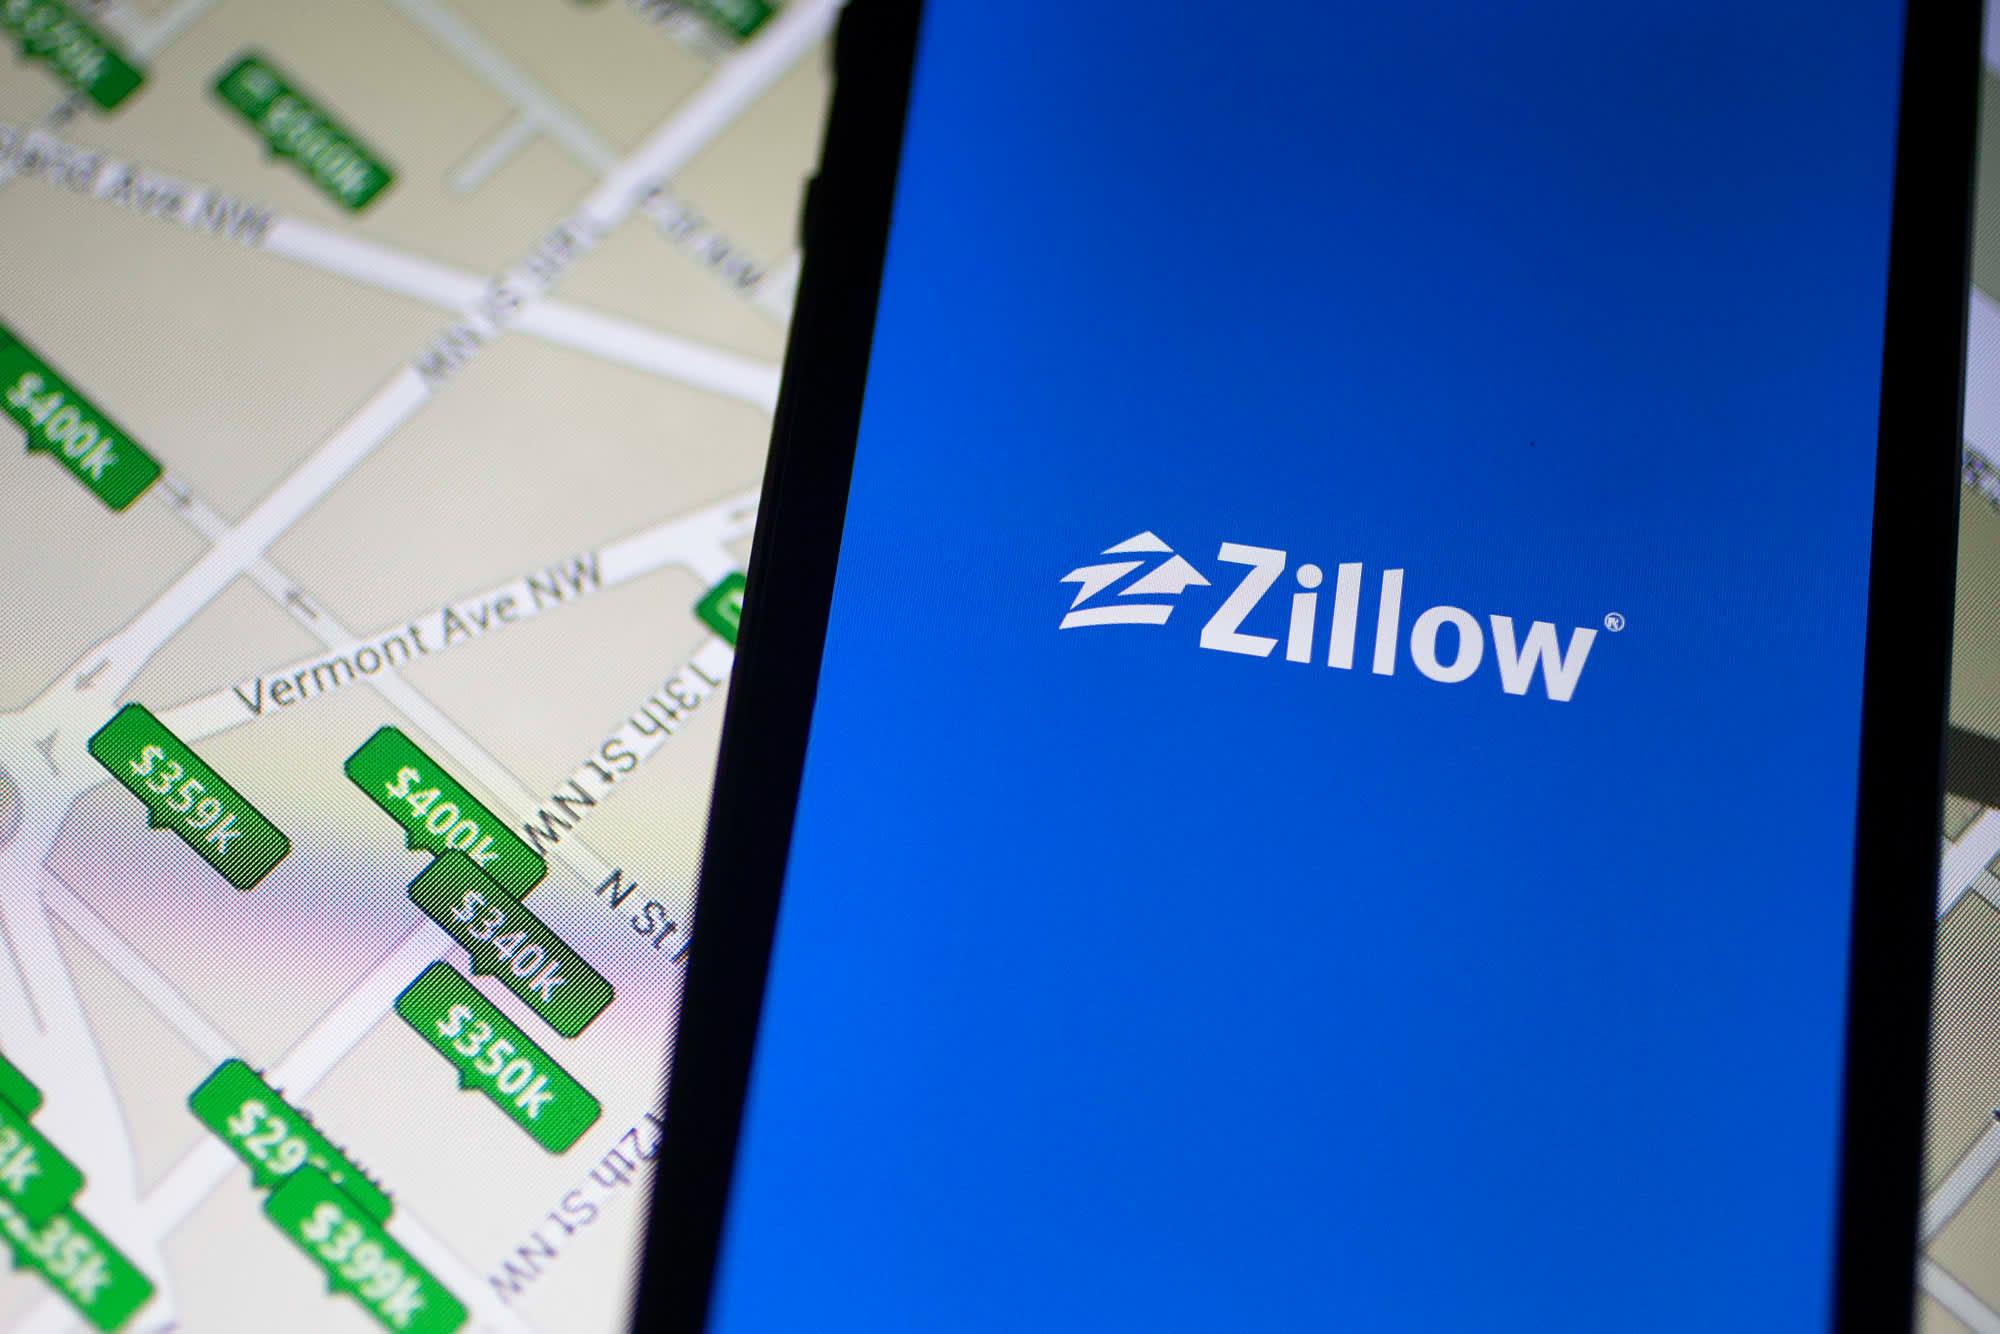 tilray-zillow-sonos-zynga-and-more